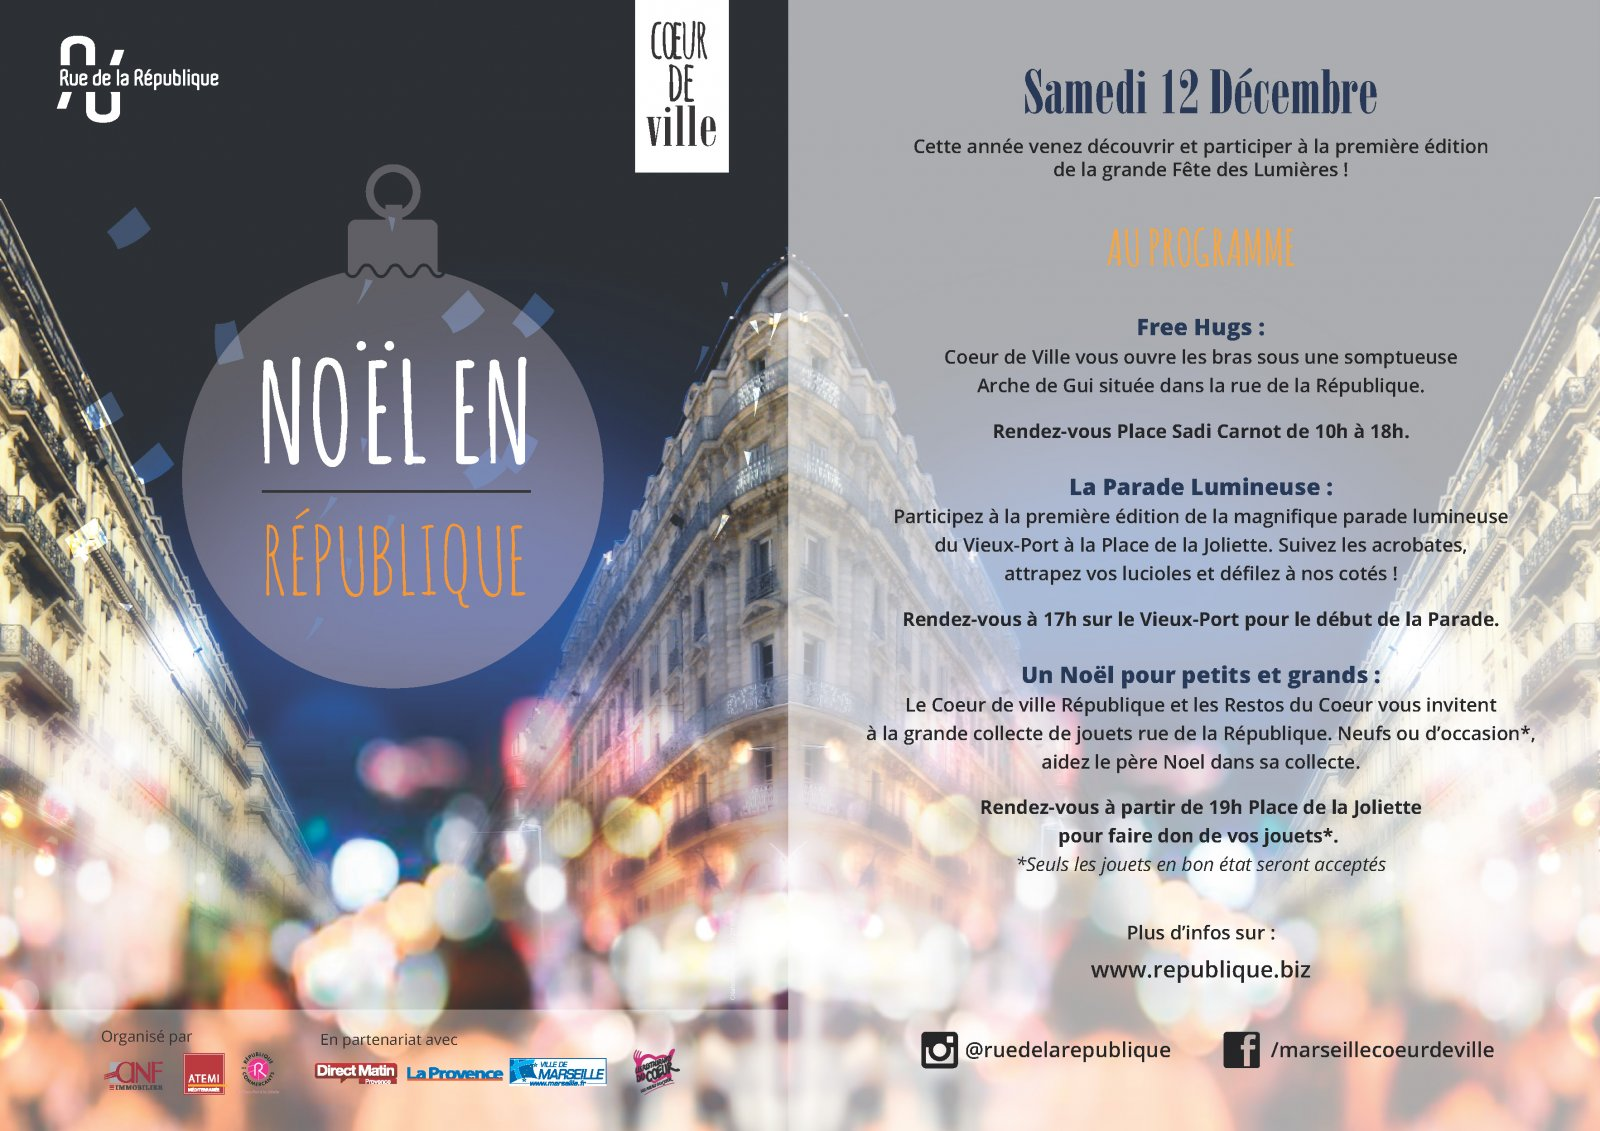 Programme de la grande fête des lumières à Marseille, du vieux-port à la joliette, spectacle et déambulation en musique